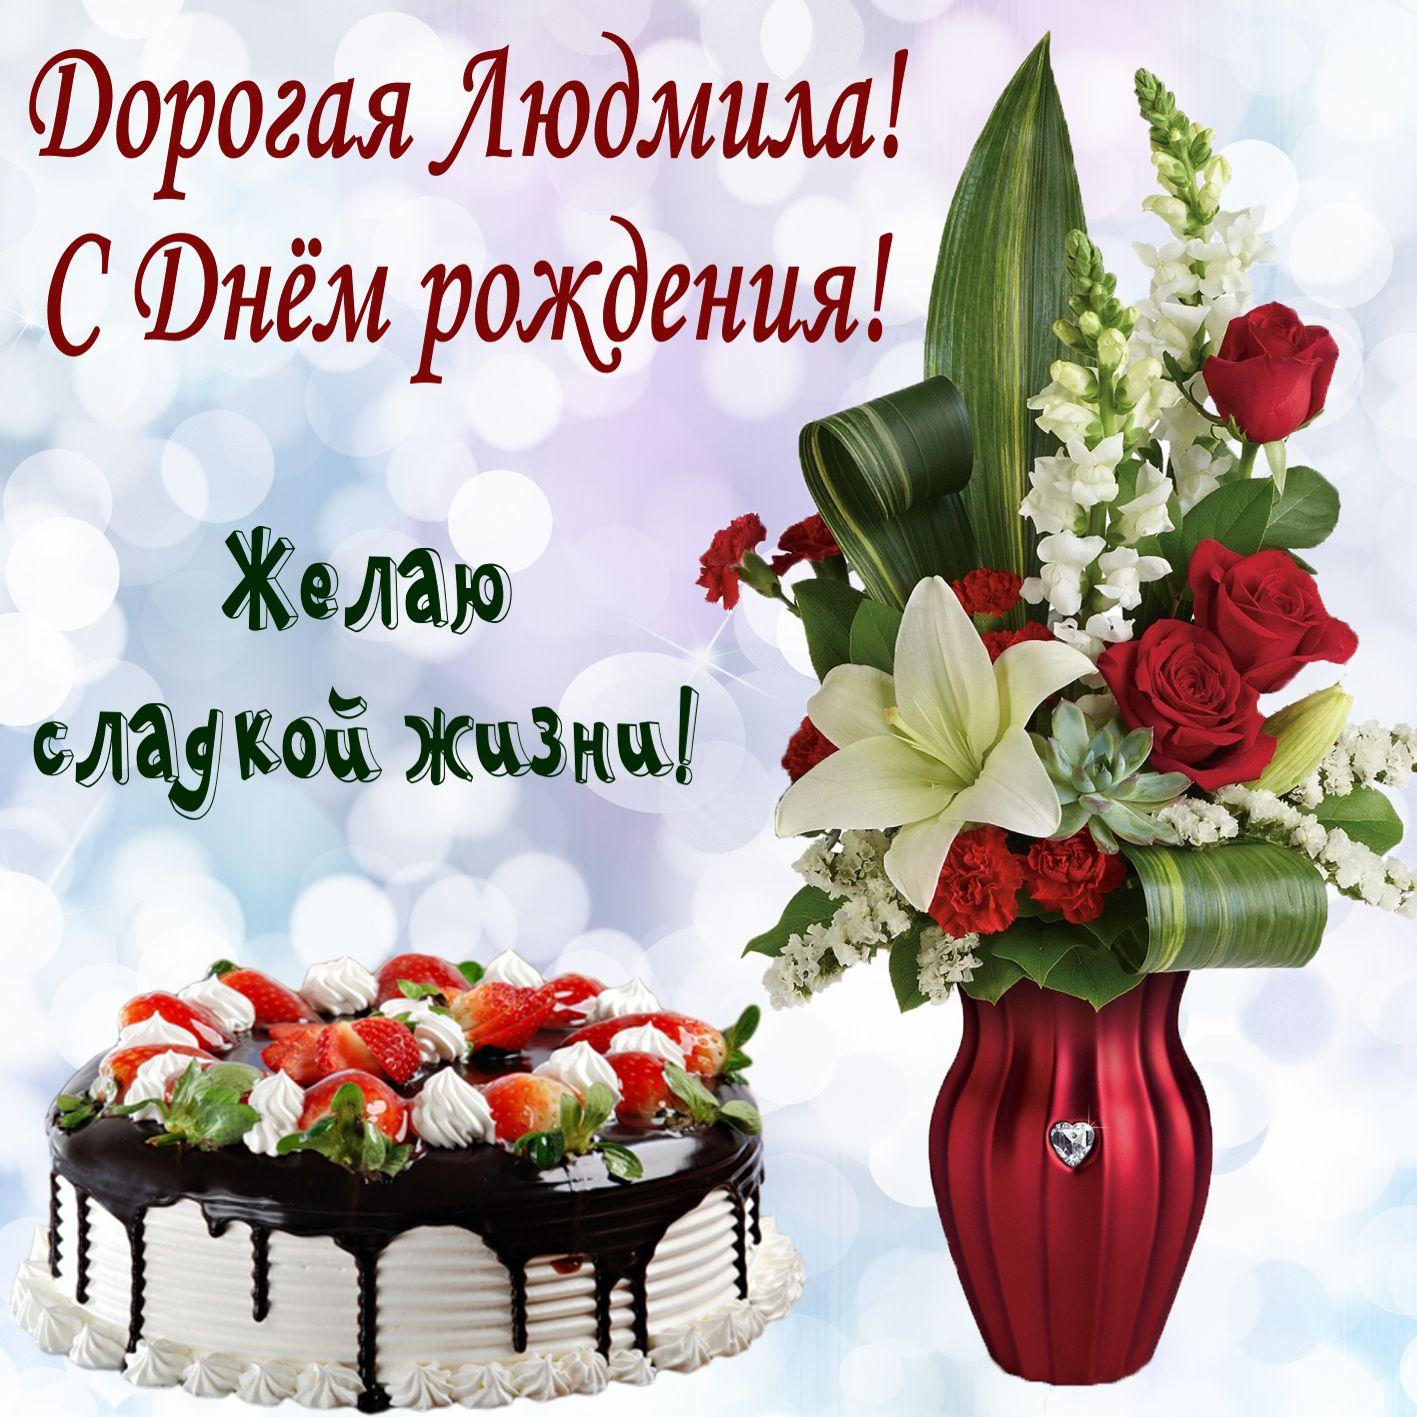 Открытка на День рождения Людмиле - тортик и цветы в вазе на красивом фоне